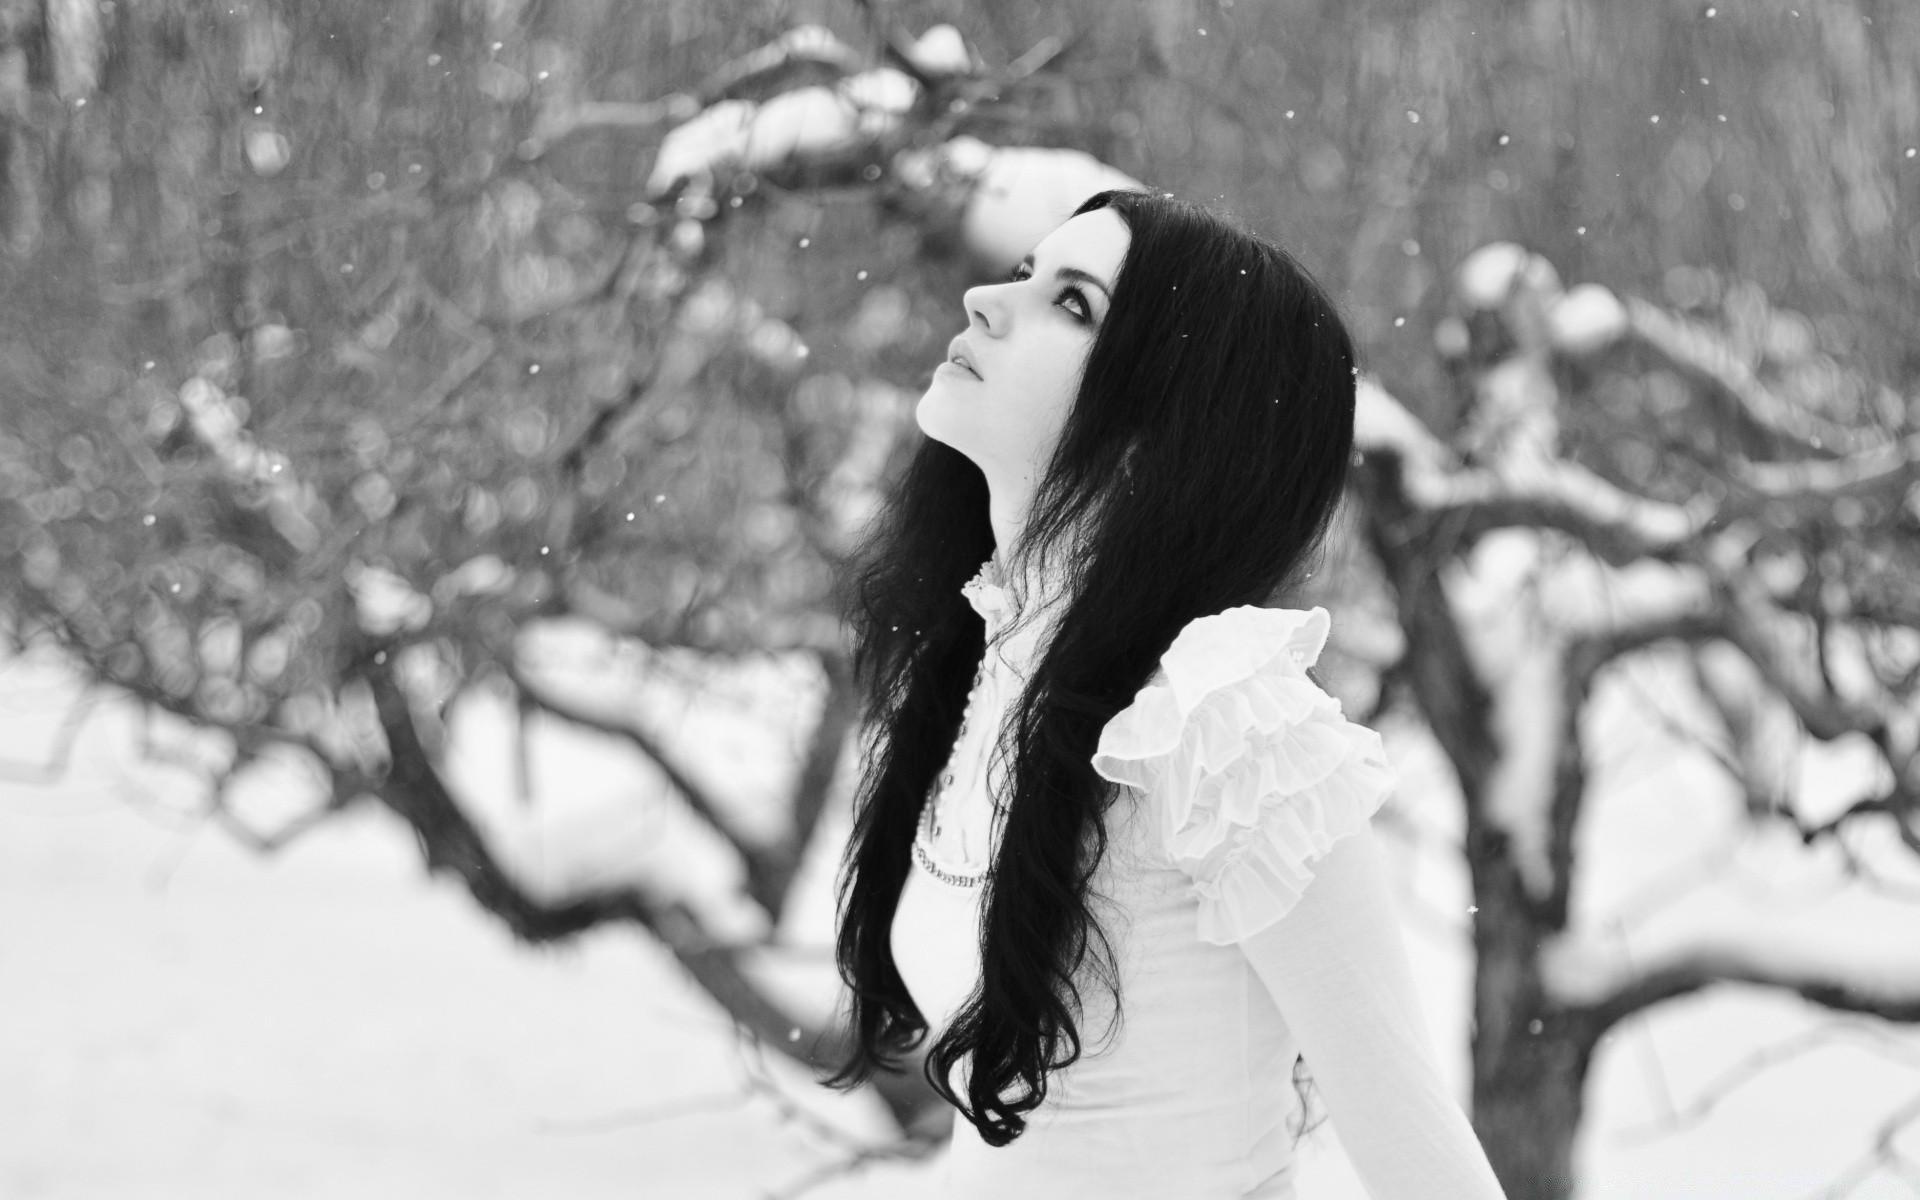 Картинки для, картинки девушек зимой на аву